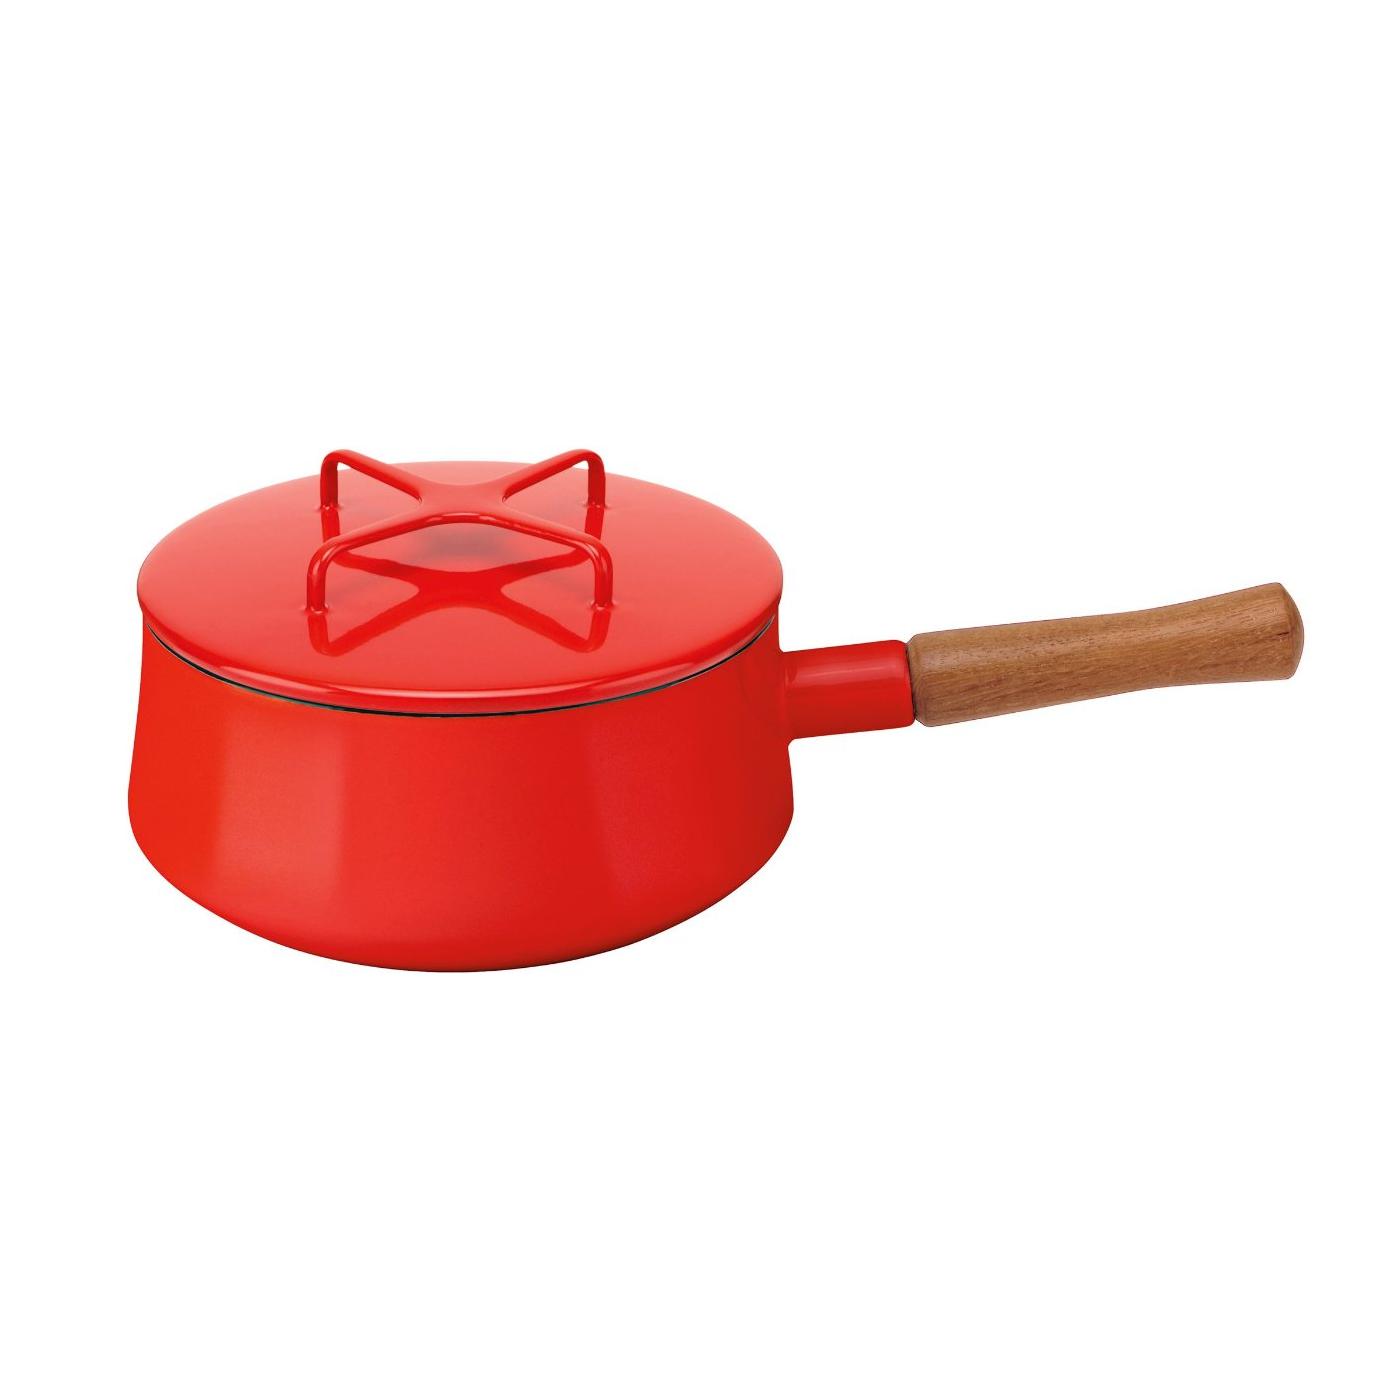 Dansk Kobenstyle Chili Red Enamel Coated Steel Saucepan, 2 Quart